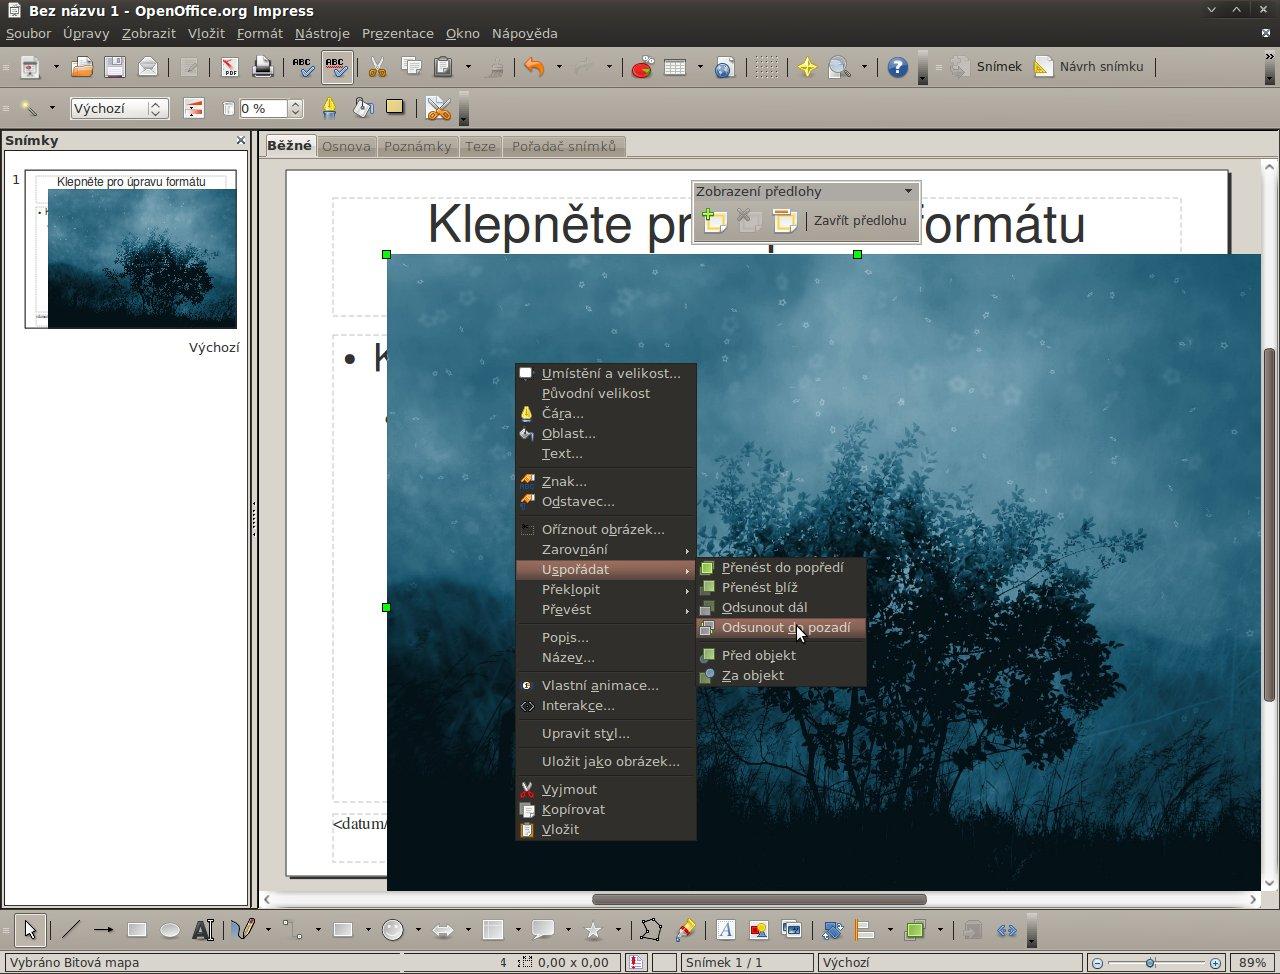 Snímek převedení obrázku na pozadí